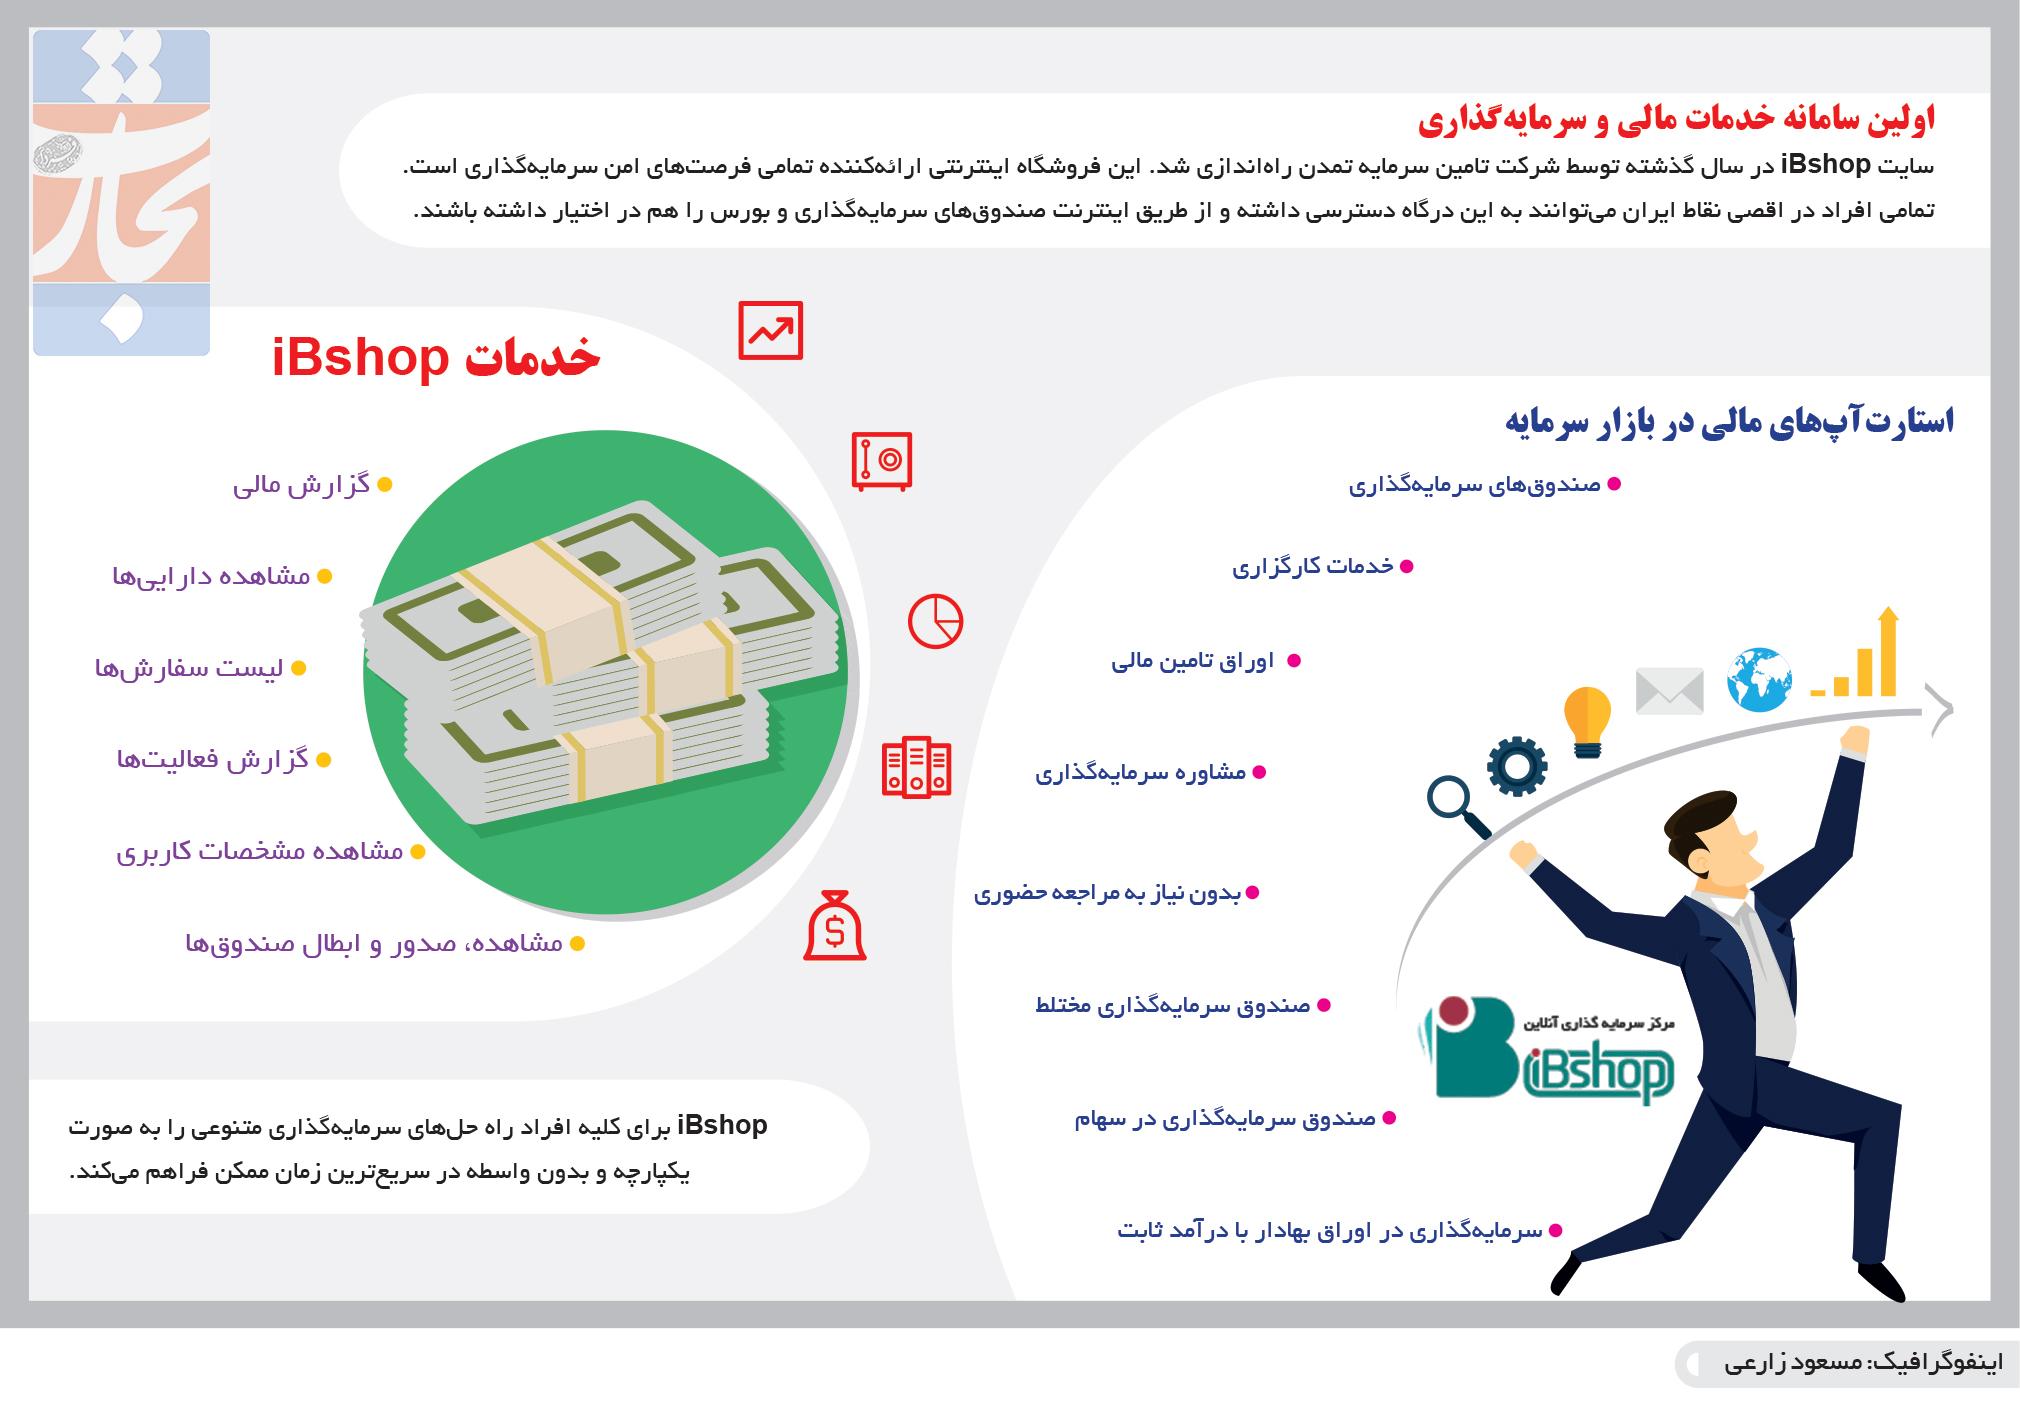 تجارت فردا-  اینفوگرافیک- اولین سامانه خدمات مالی و سرمایهگذاری